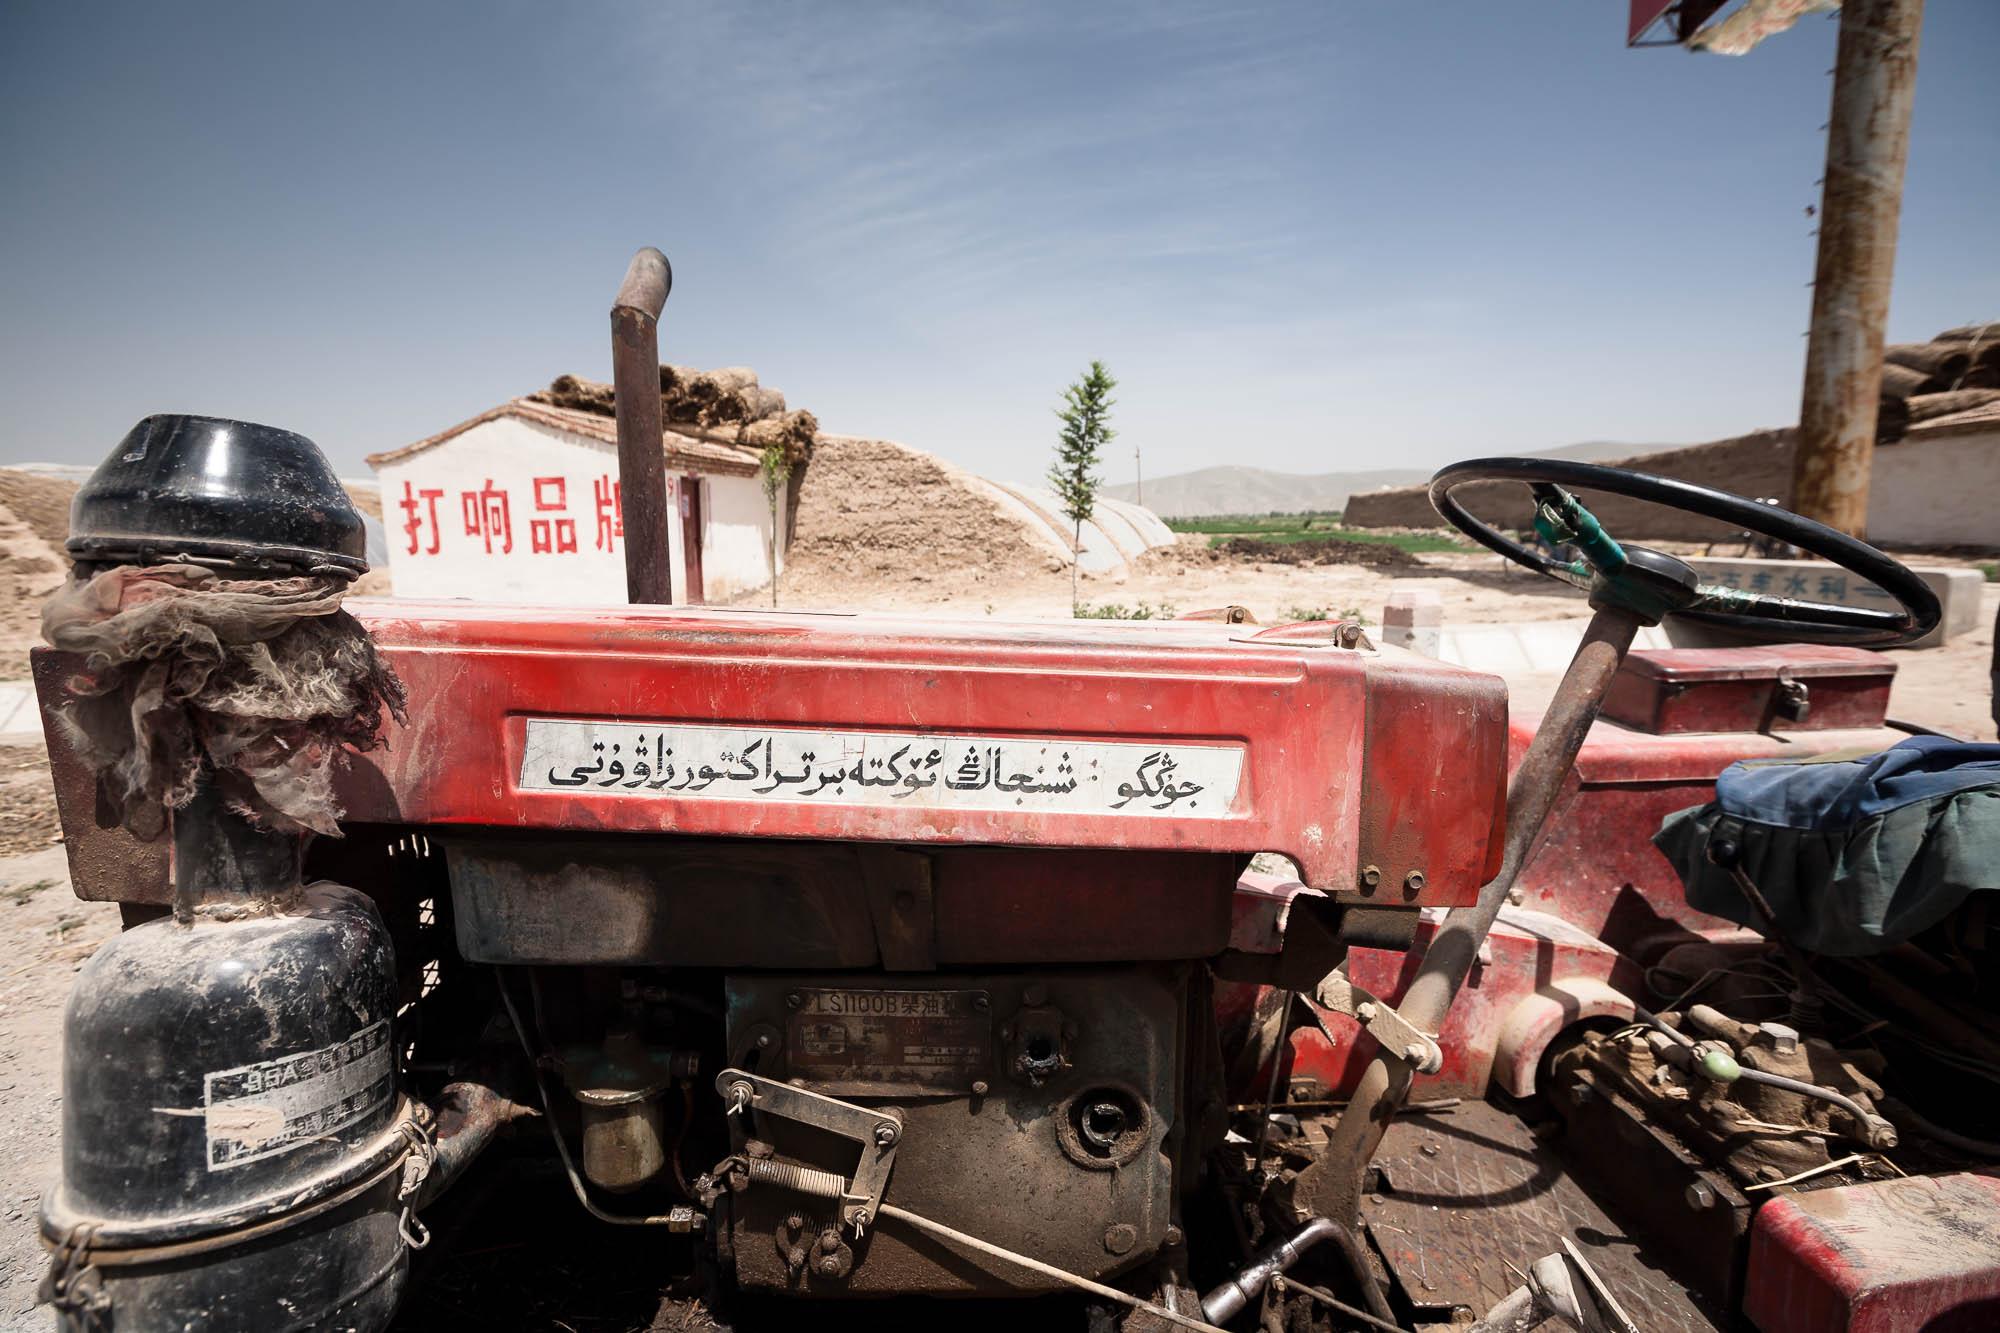 October Tractor Factory Xinjiang, China